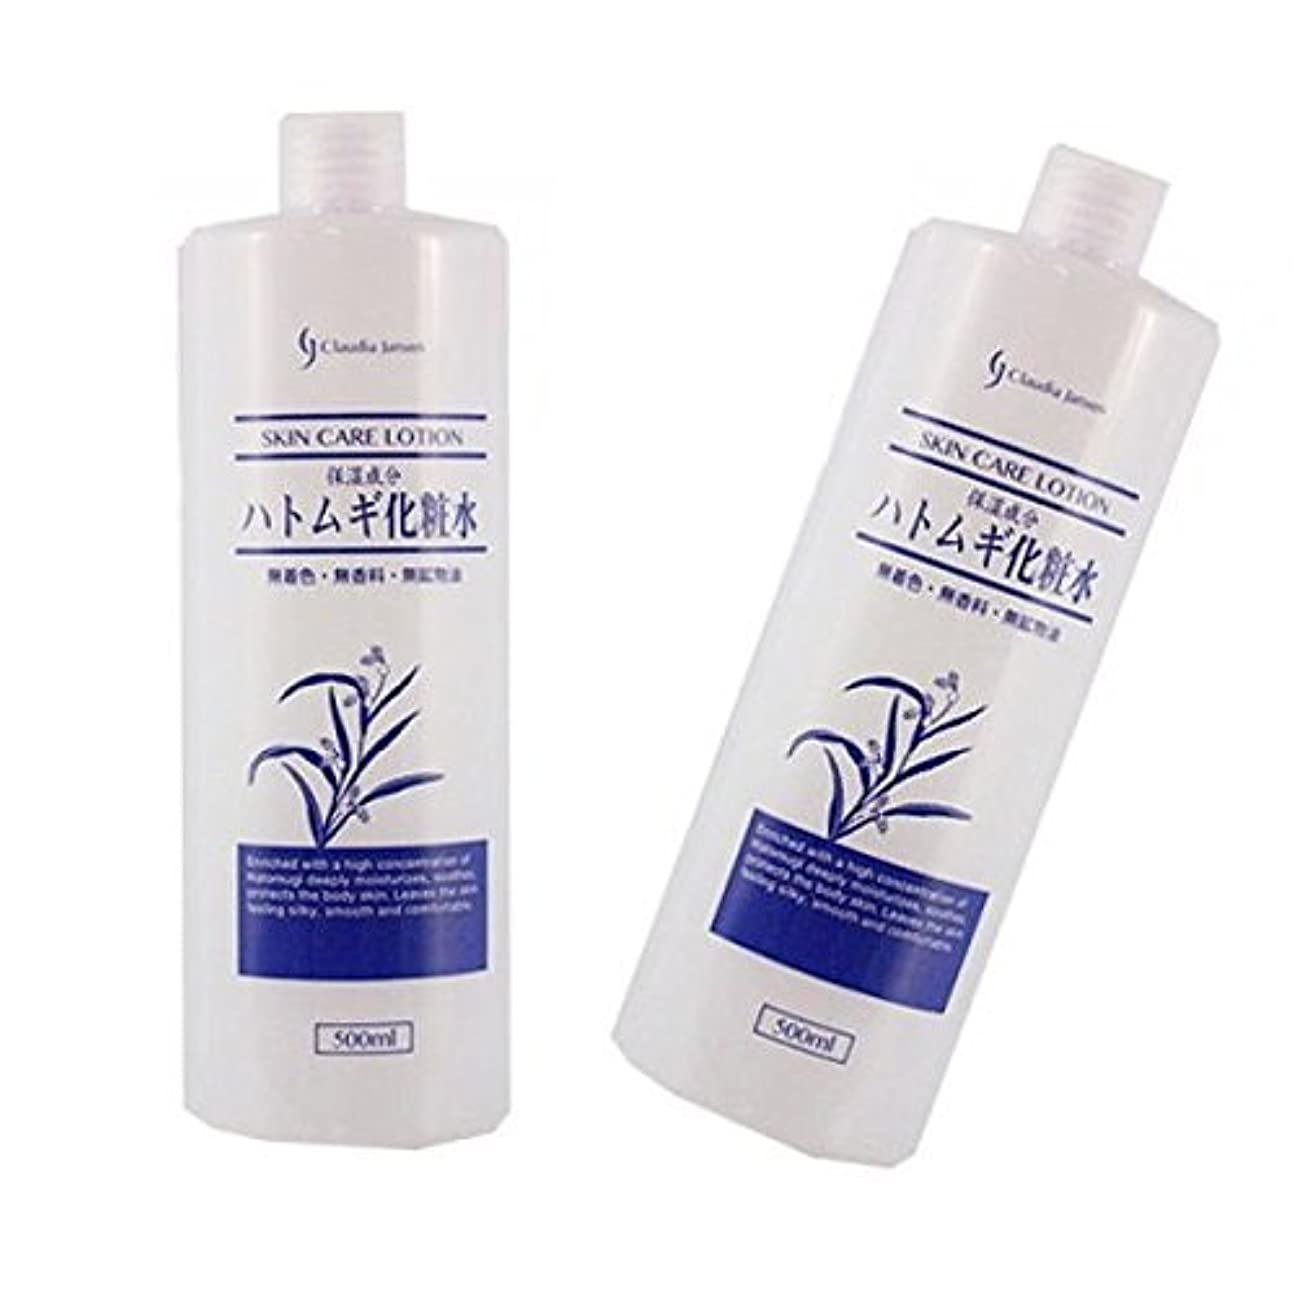 困ったり支配するハトムギ化粧水 500mL 【2個セット】保湿成分ハトムギエキス配合